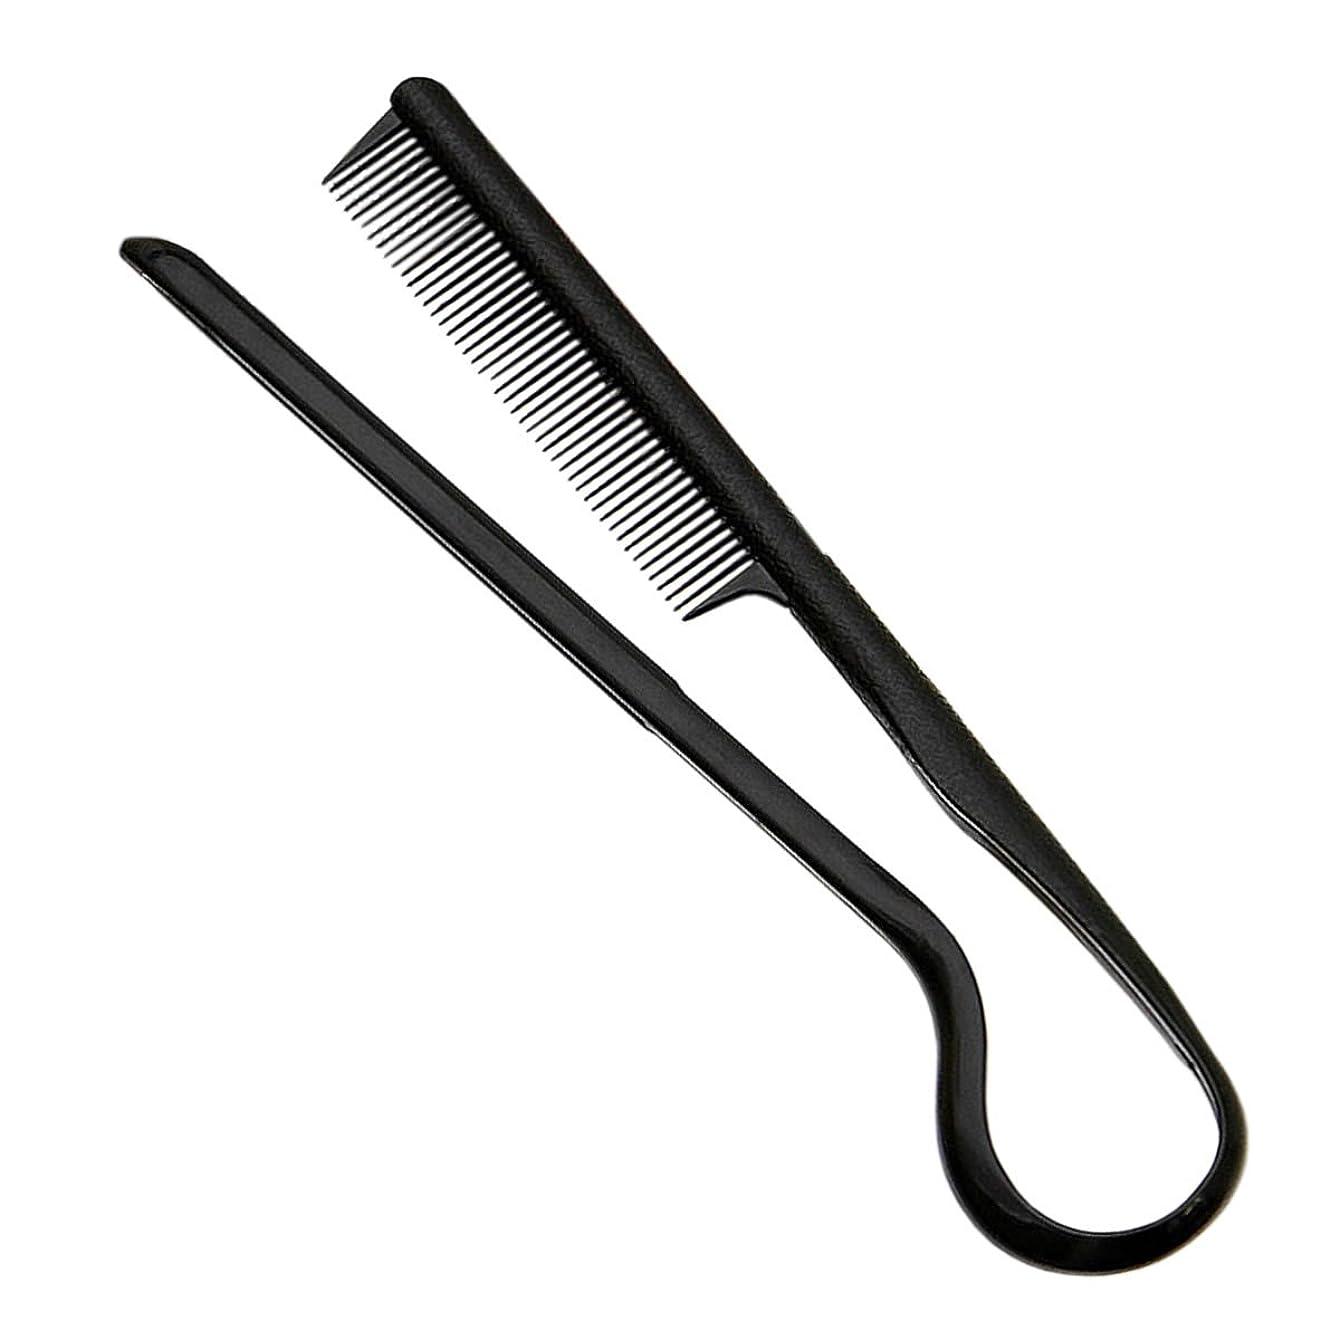 持続的発音スリーブZooooM 挟める ストレート クシ スタイリング ヘアー サロン 髪 の 毛 ブラッシング 美容院 お洒落 オシャレ ロング セミ ショート まっすぐ ブラシ 便利 アイロン ドライヤー 散髪 カット セット おもしろ 面白 ZM-HASAKUSI